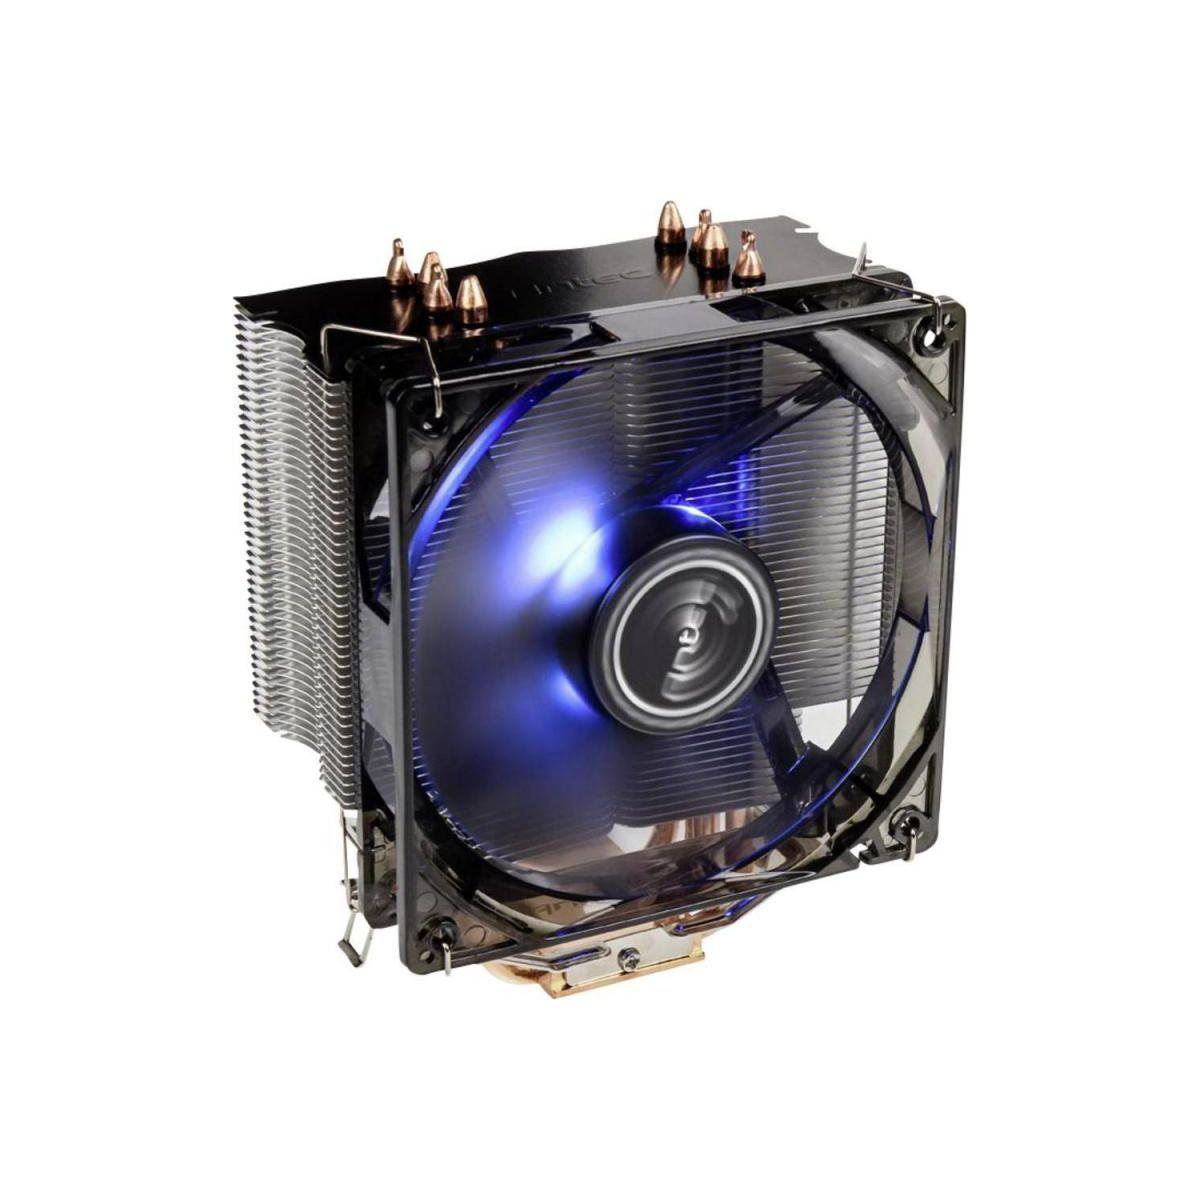 Ventilateur pc antec c400 refroidisseur de processeur - 7% de remise imm�diate avec le code : deal7 (photo)